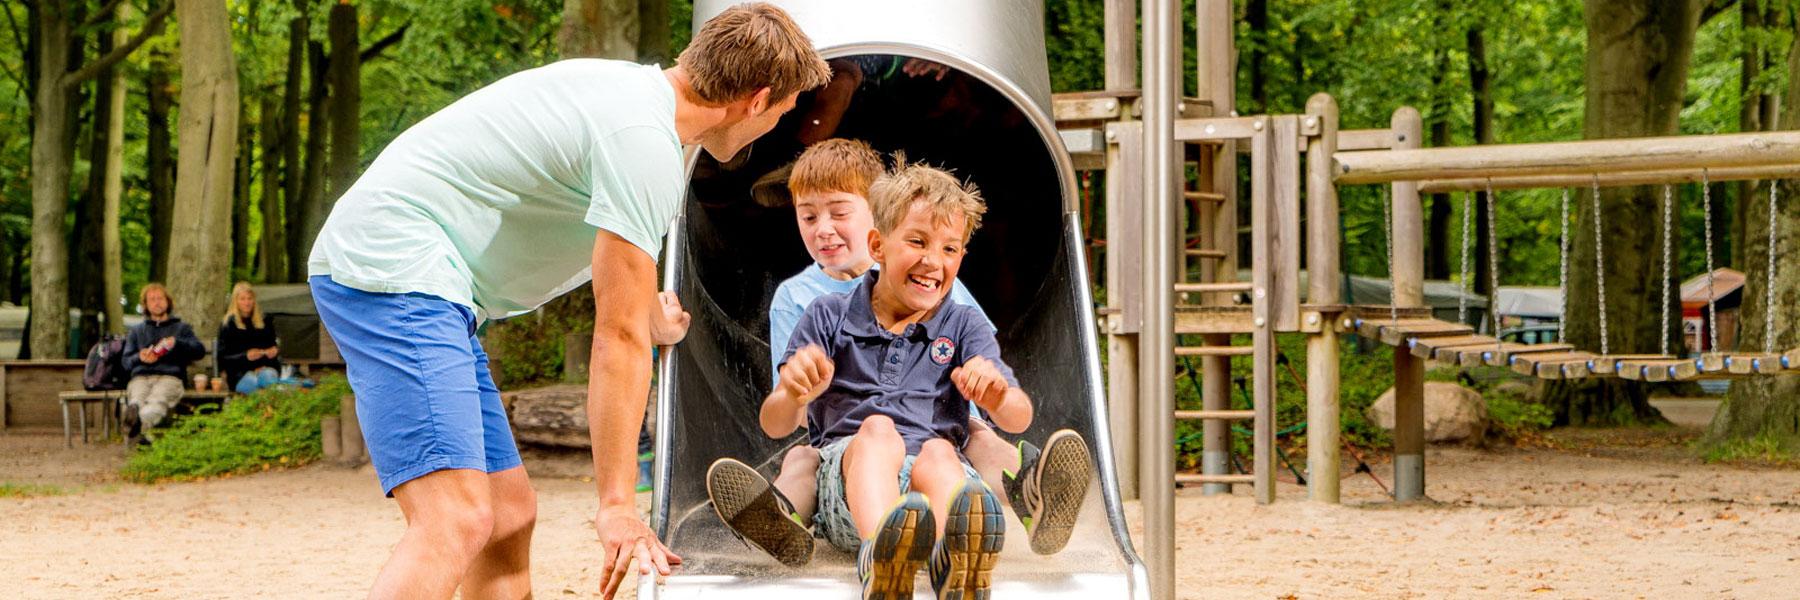 Spielplatz - Ostseecamp-Ferienpark